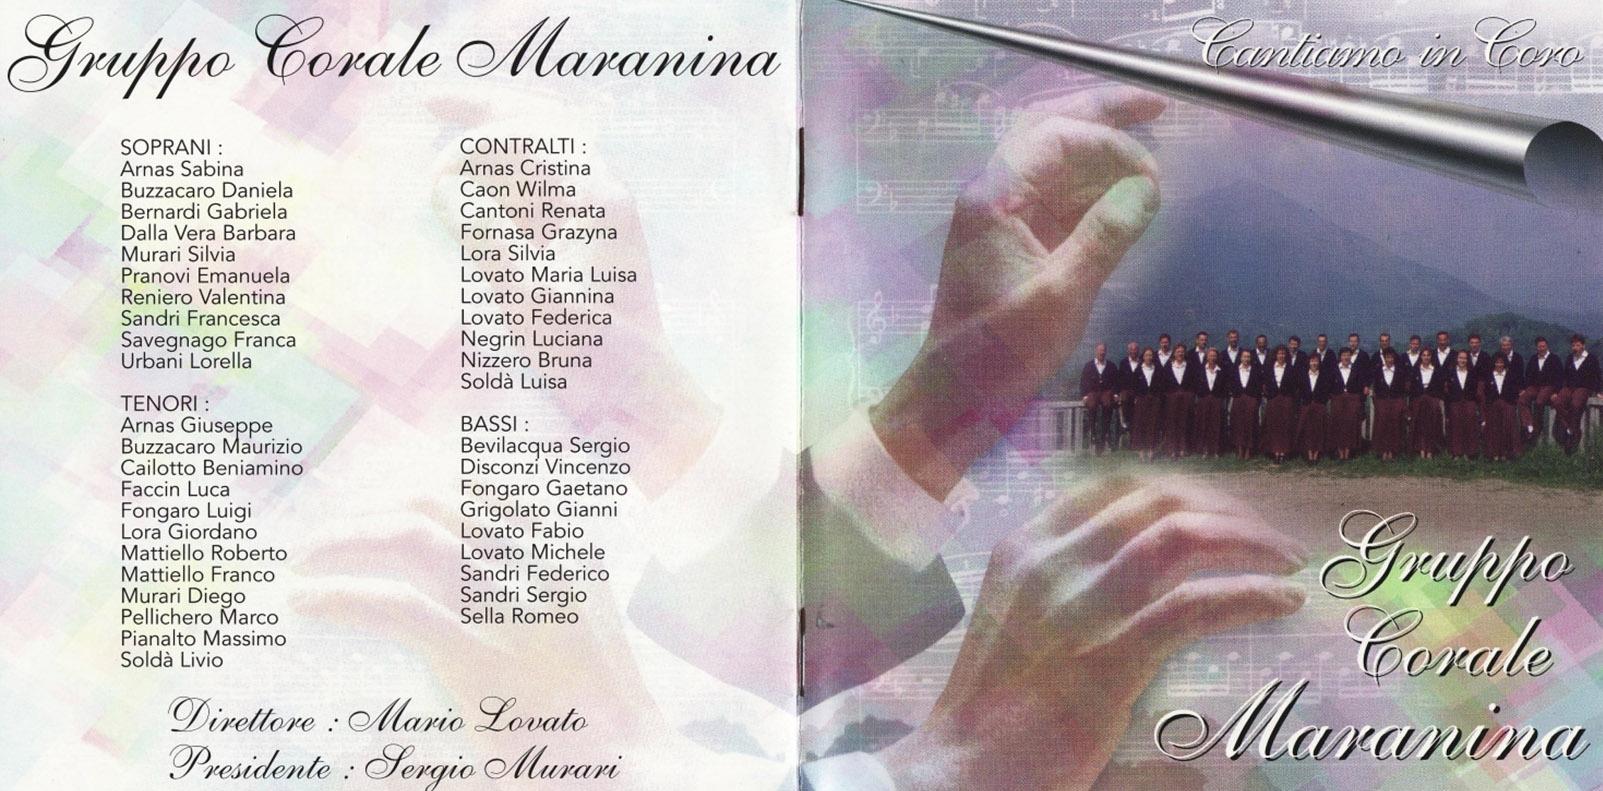 cantiamo in coro gruppo corale maranina